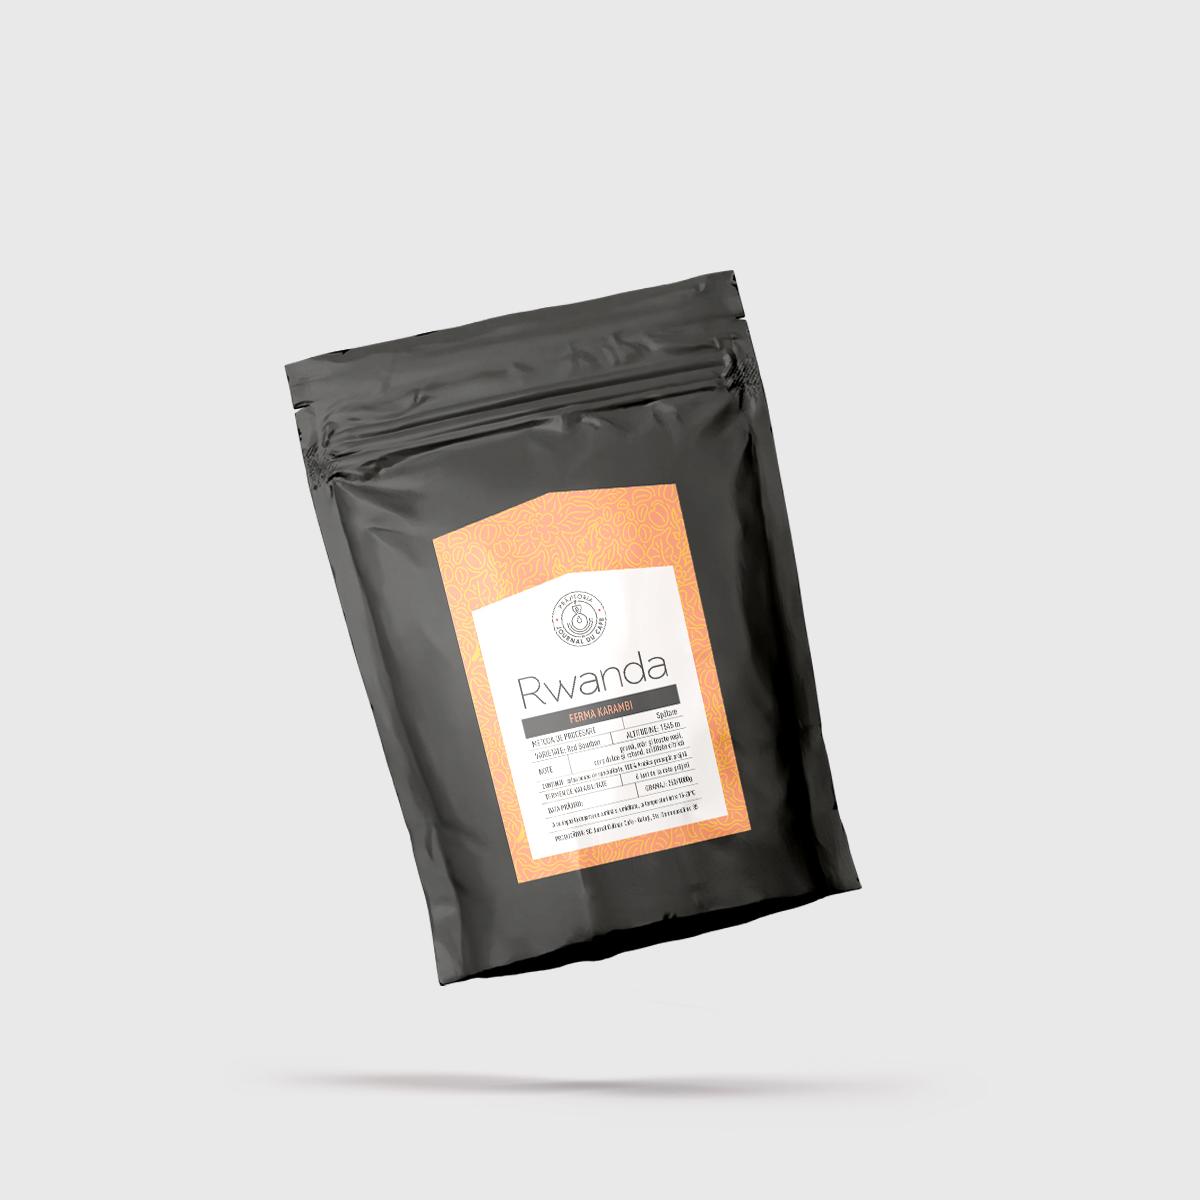 Etichetă cafea – Journal du Cafe